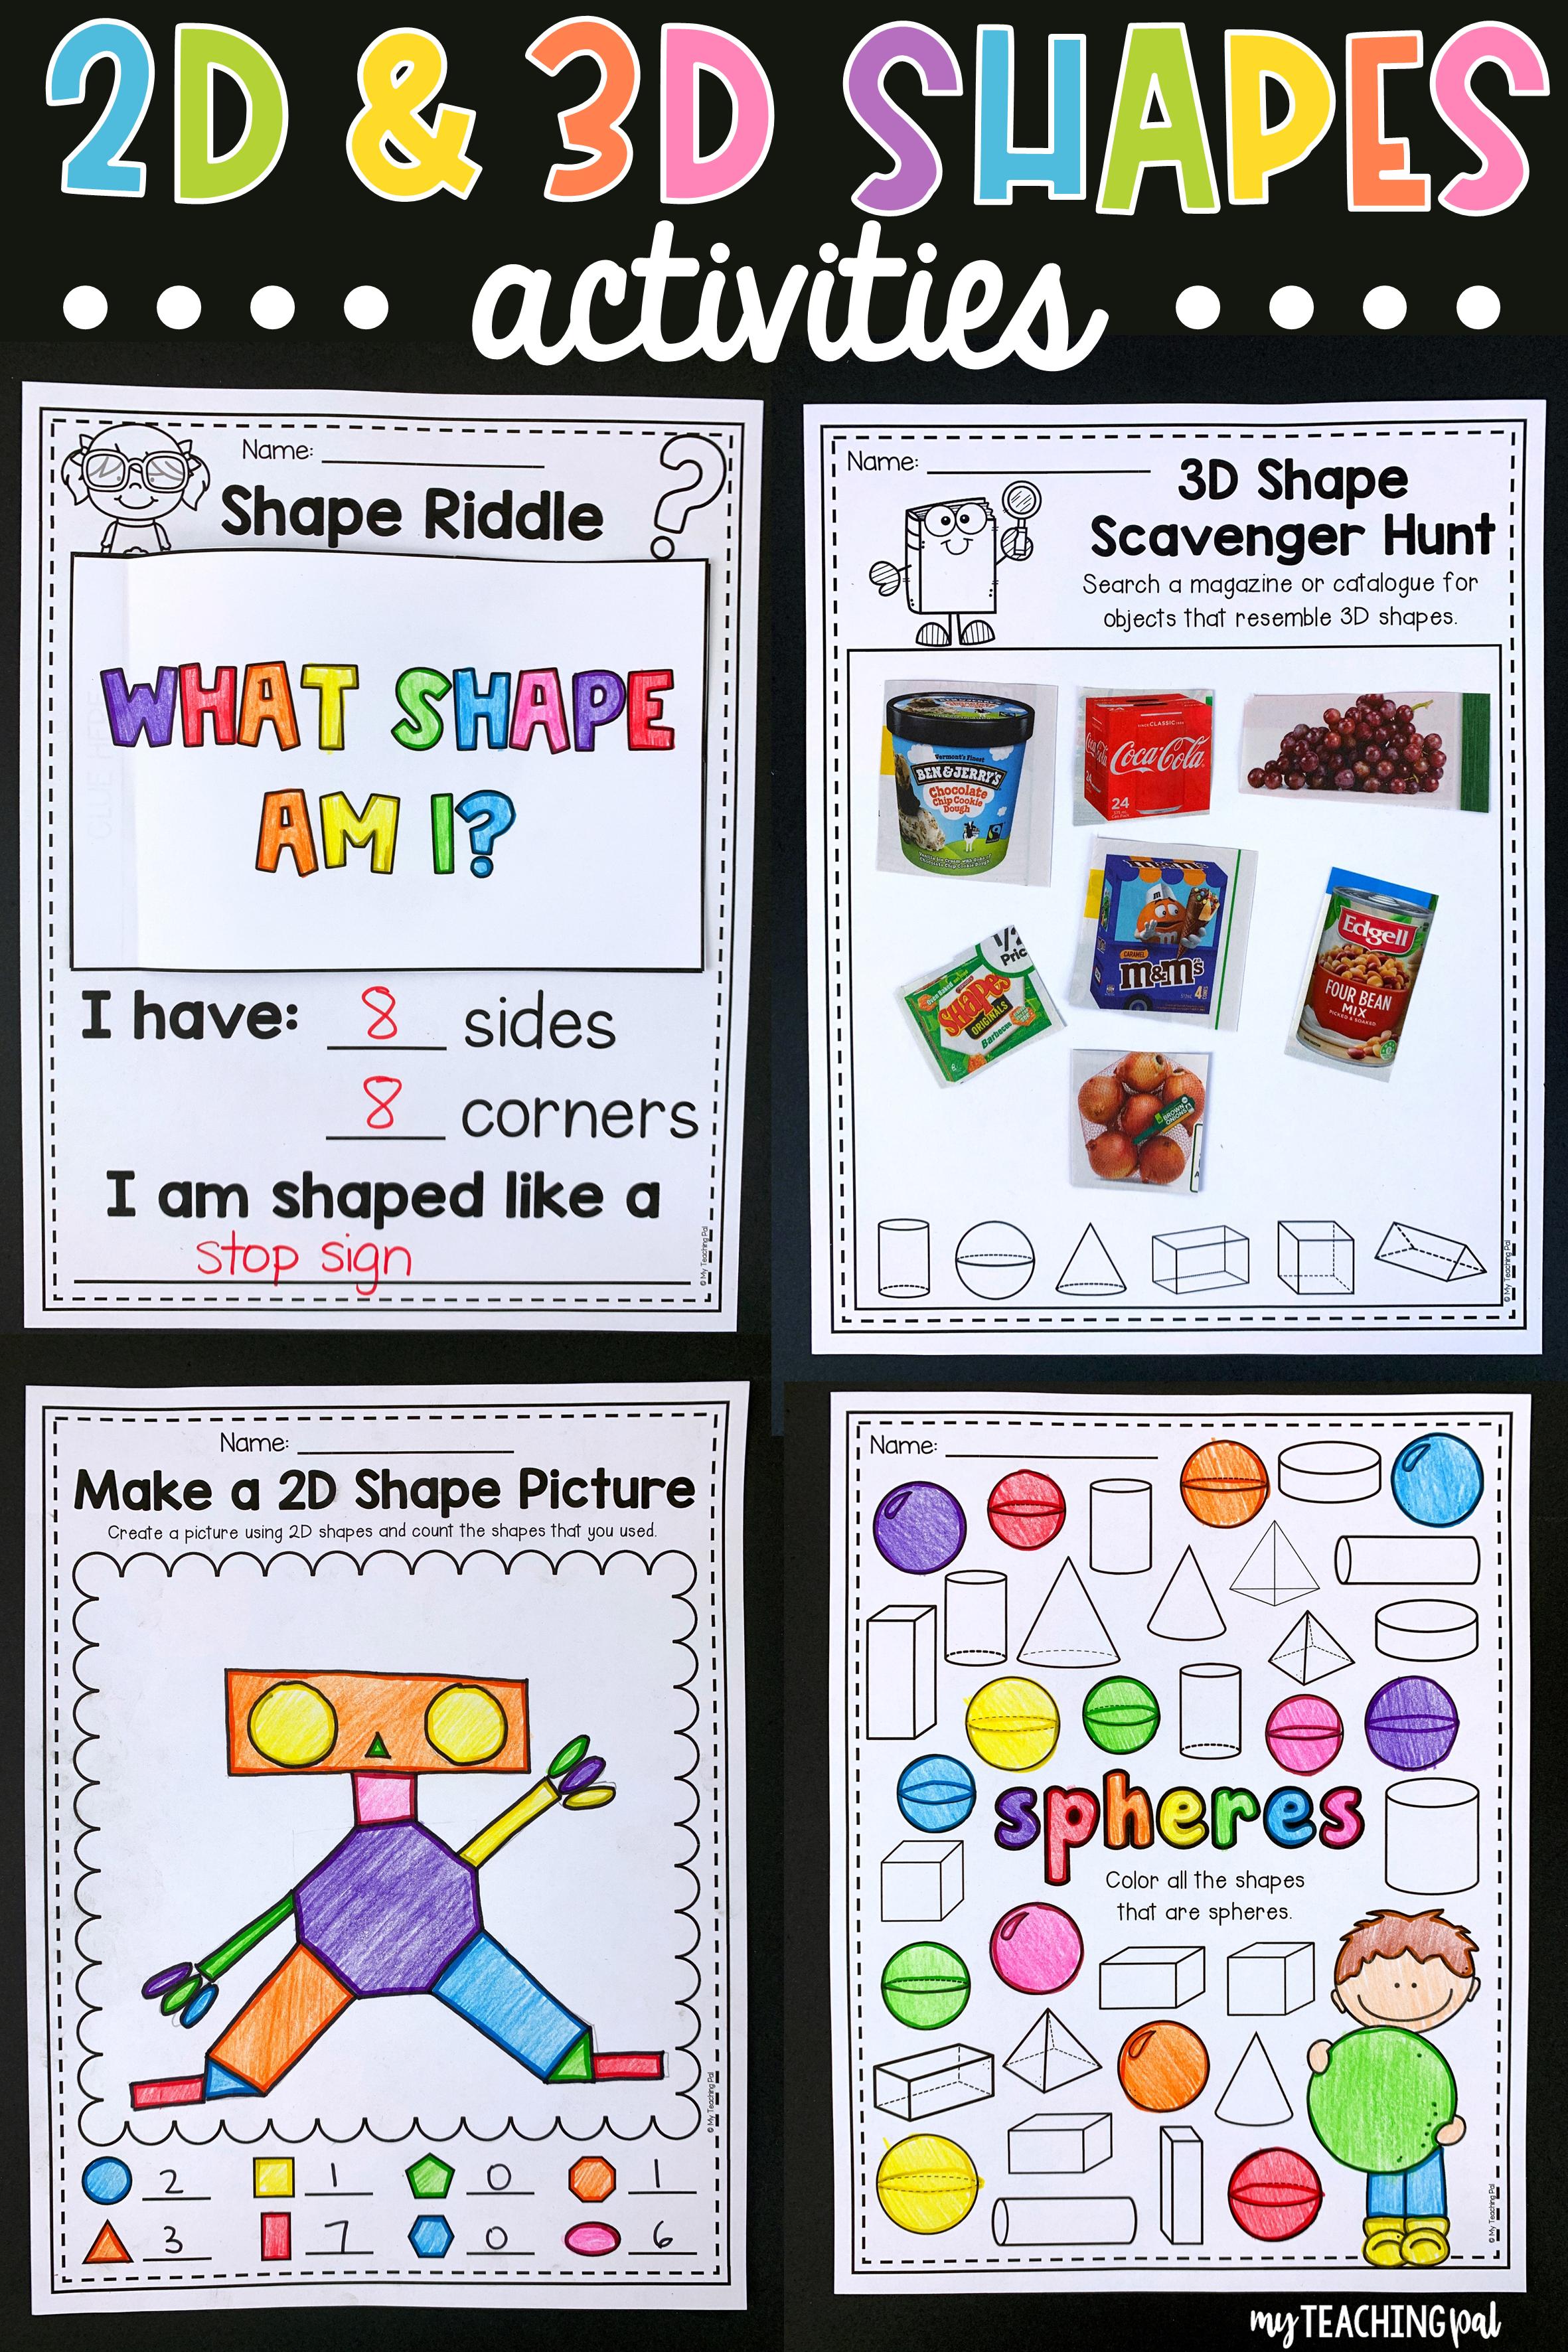 2d And 3d Shapes Worksheets Mega Pack 3d Shapes Worksheets 2d And 3d Shapes Shapes Worksheets [ 3543 x 2362 Pixel ]